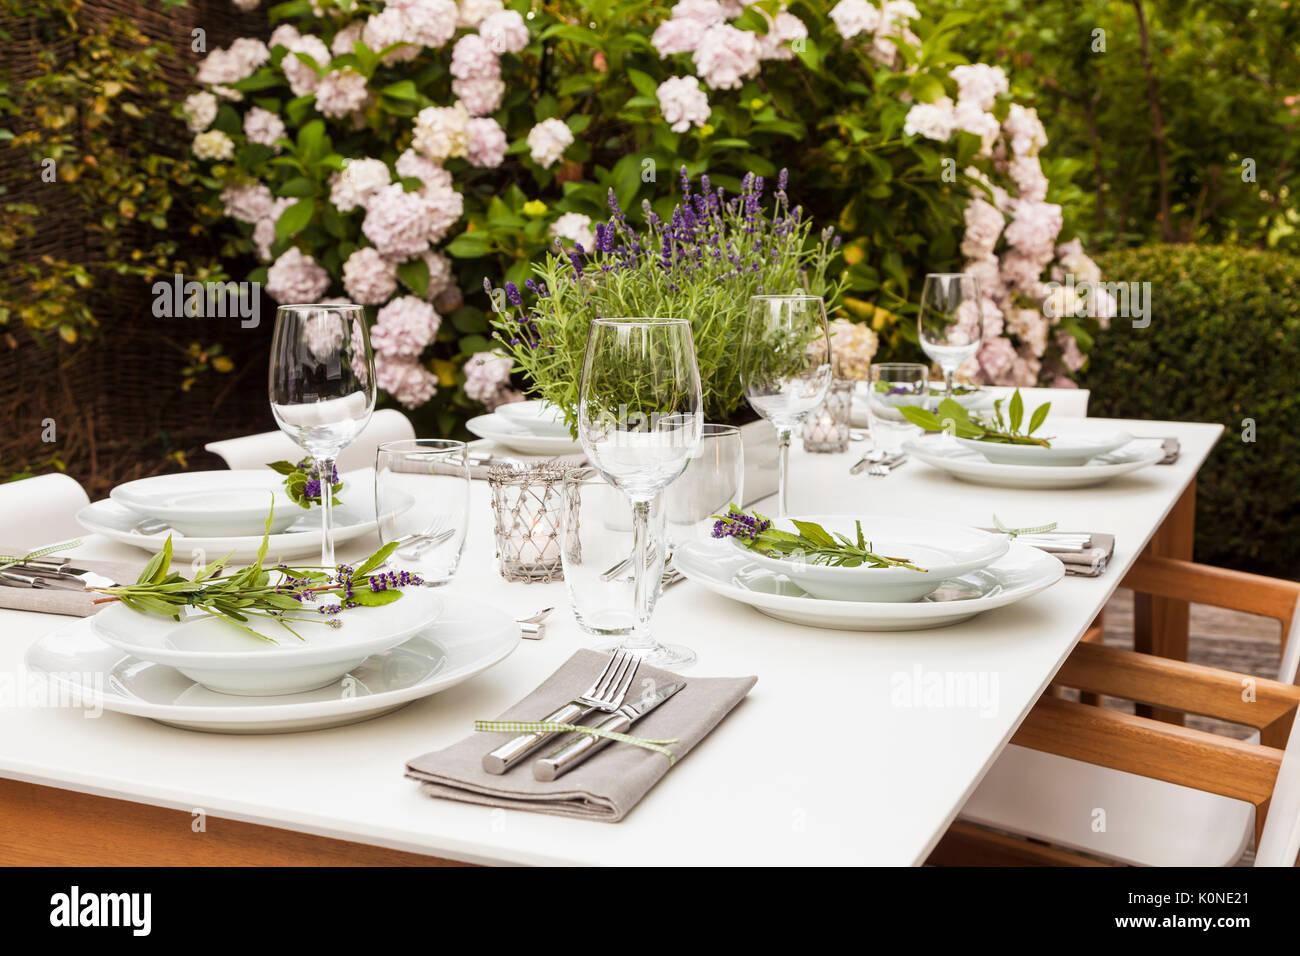 Deutschland garten terrasse holzdeck gartenm bel moderne sitzgruppe festlich gedeckter - Tischdeko lavendel ...